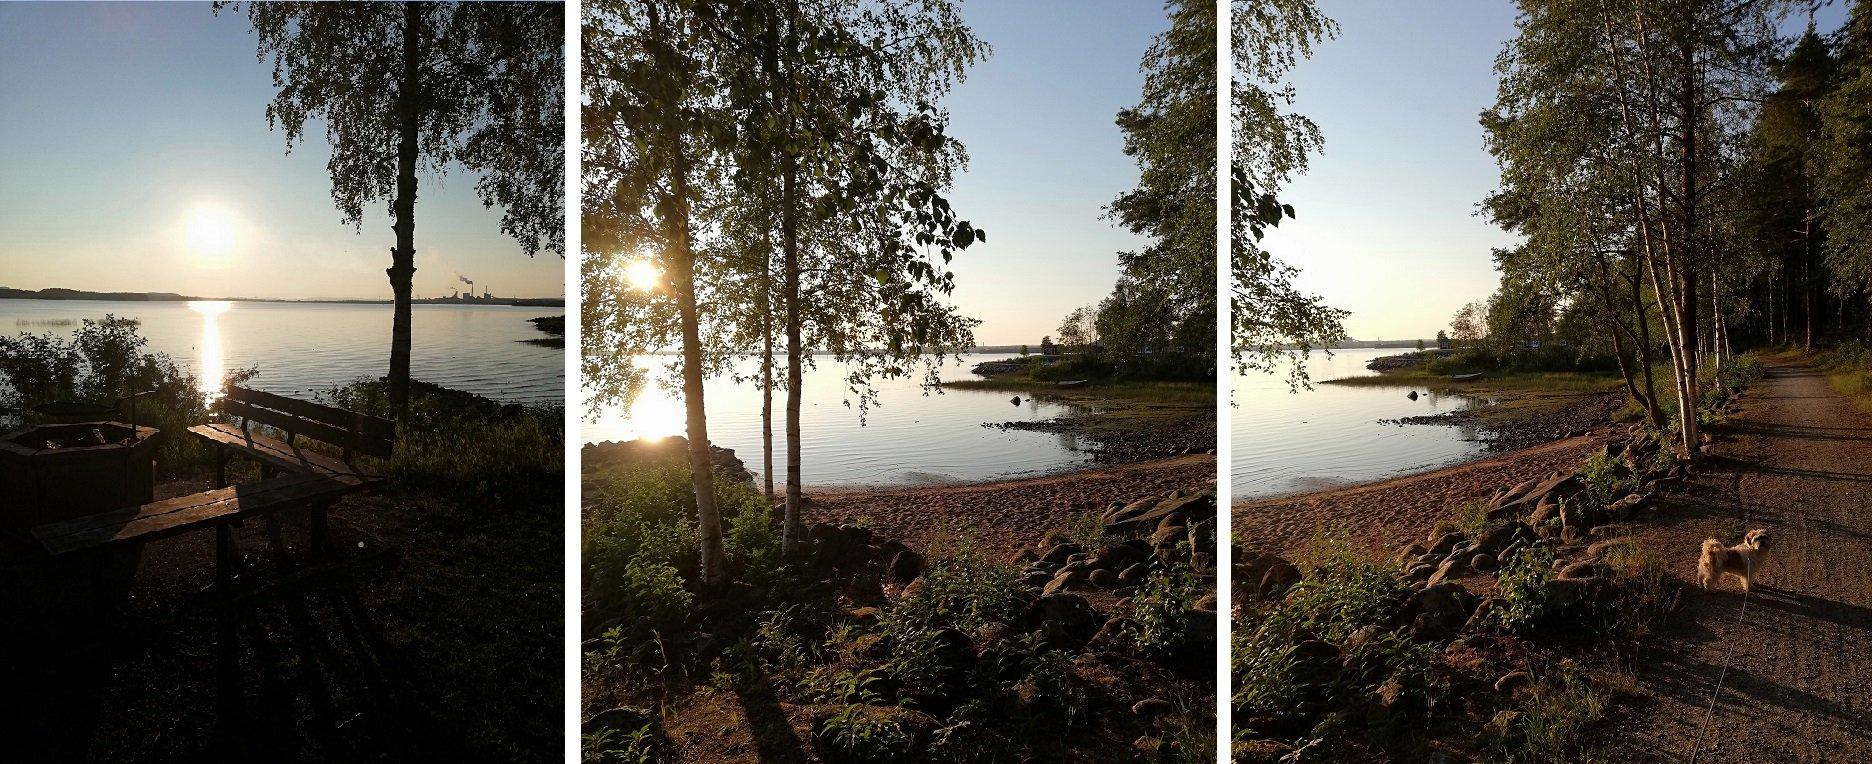 Foto: Maria Fäldt